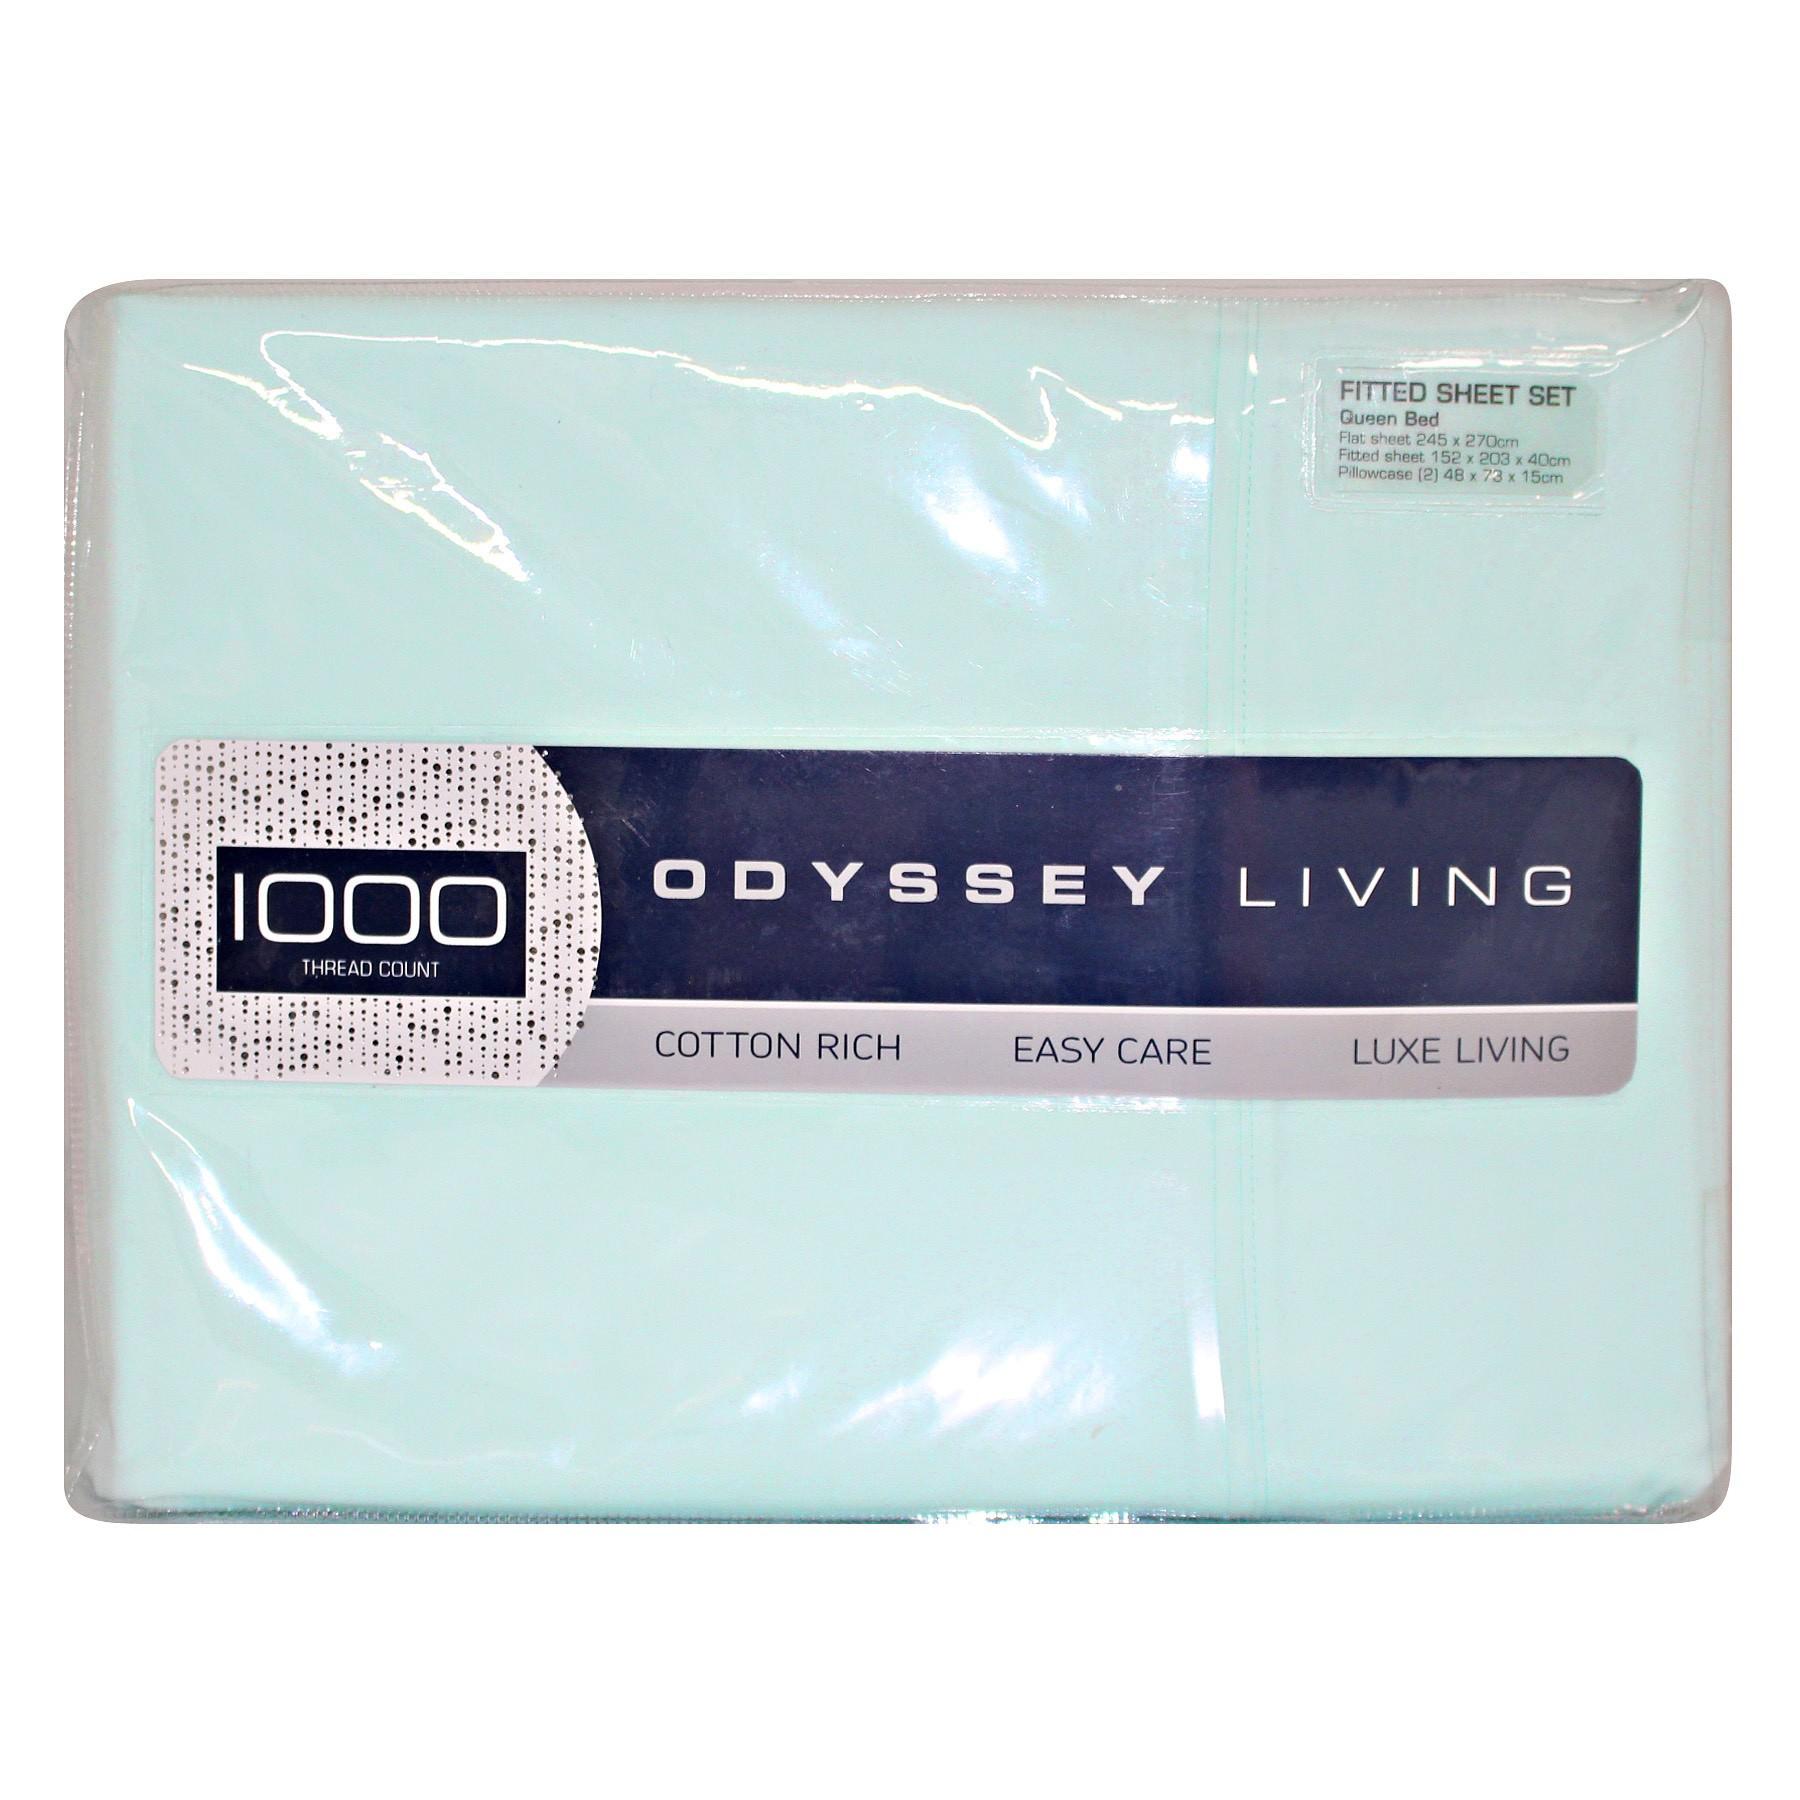 Odyssey Living 1000TC Cotton Rich Sheet Set, Double, Mint